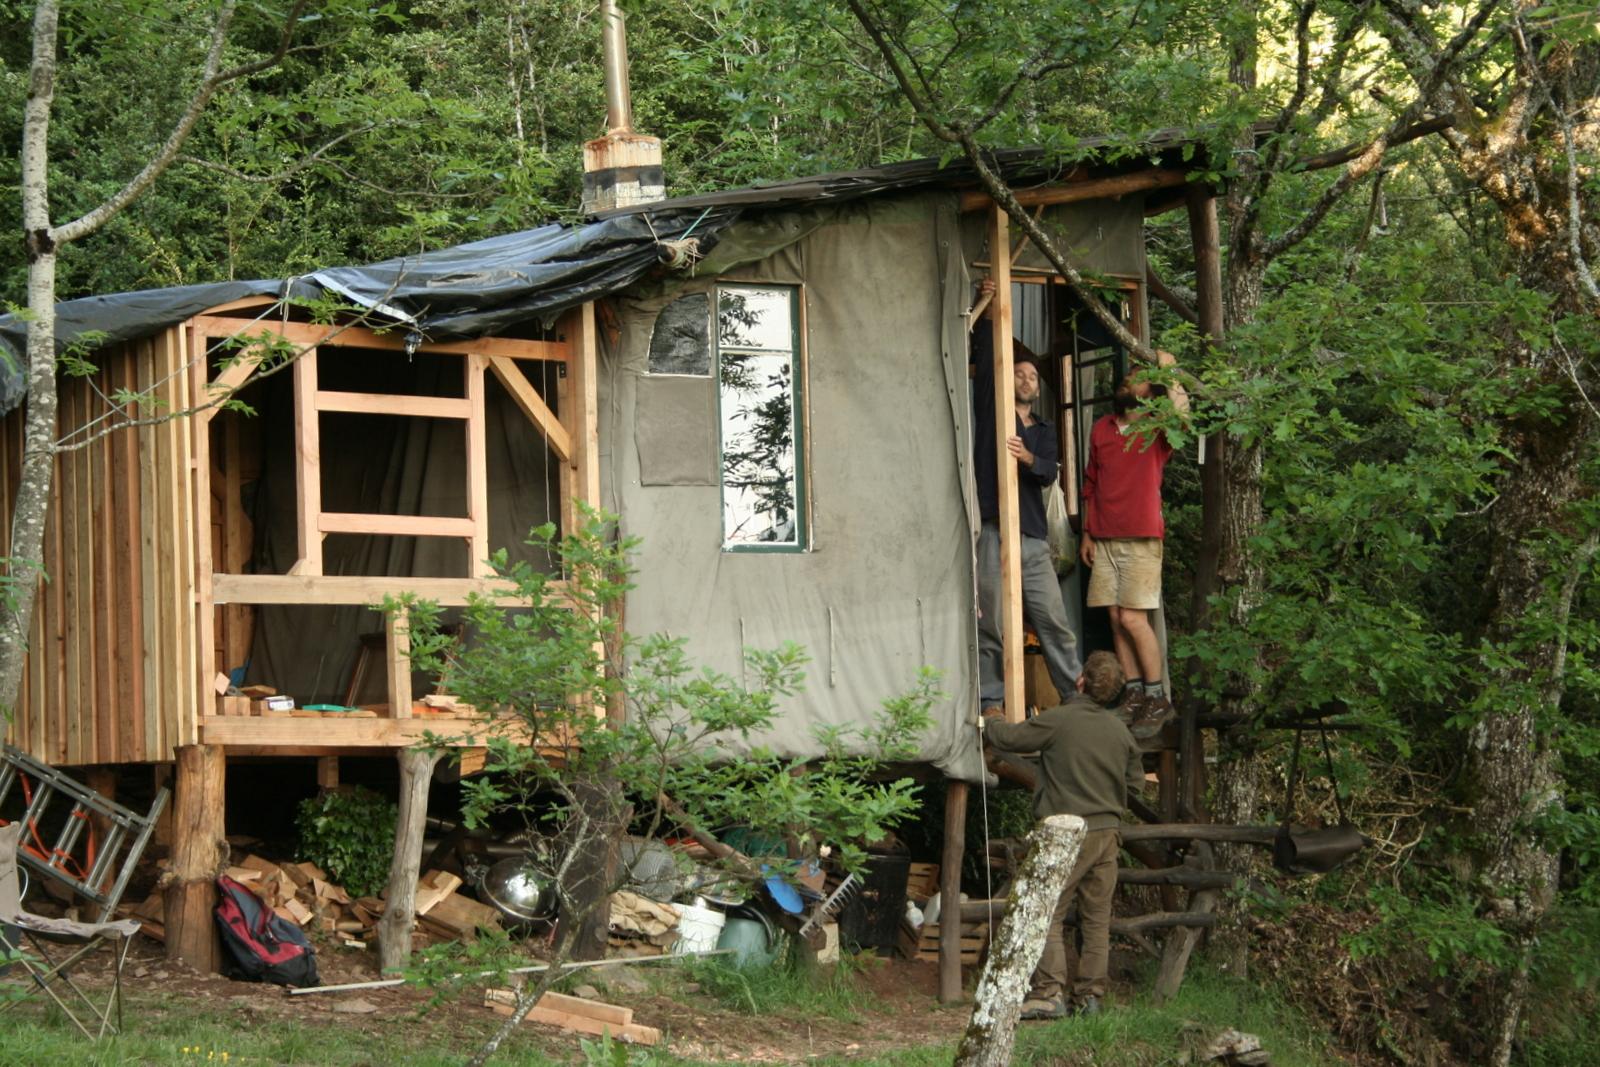 Lili muguette cabane en re construction for Cabane en bois 5m2